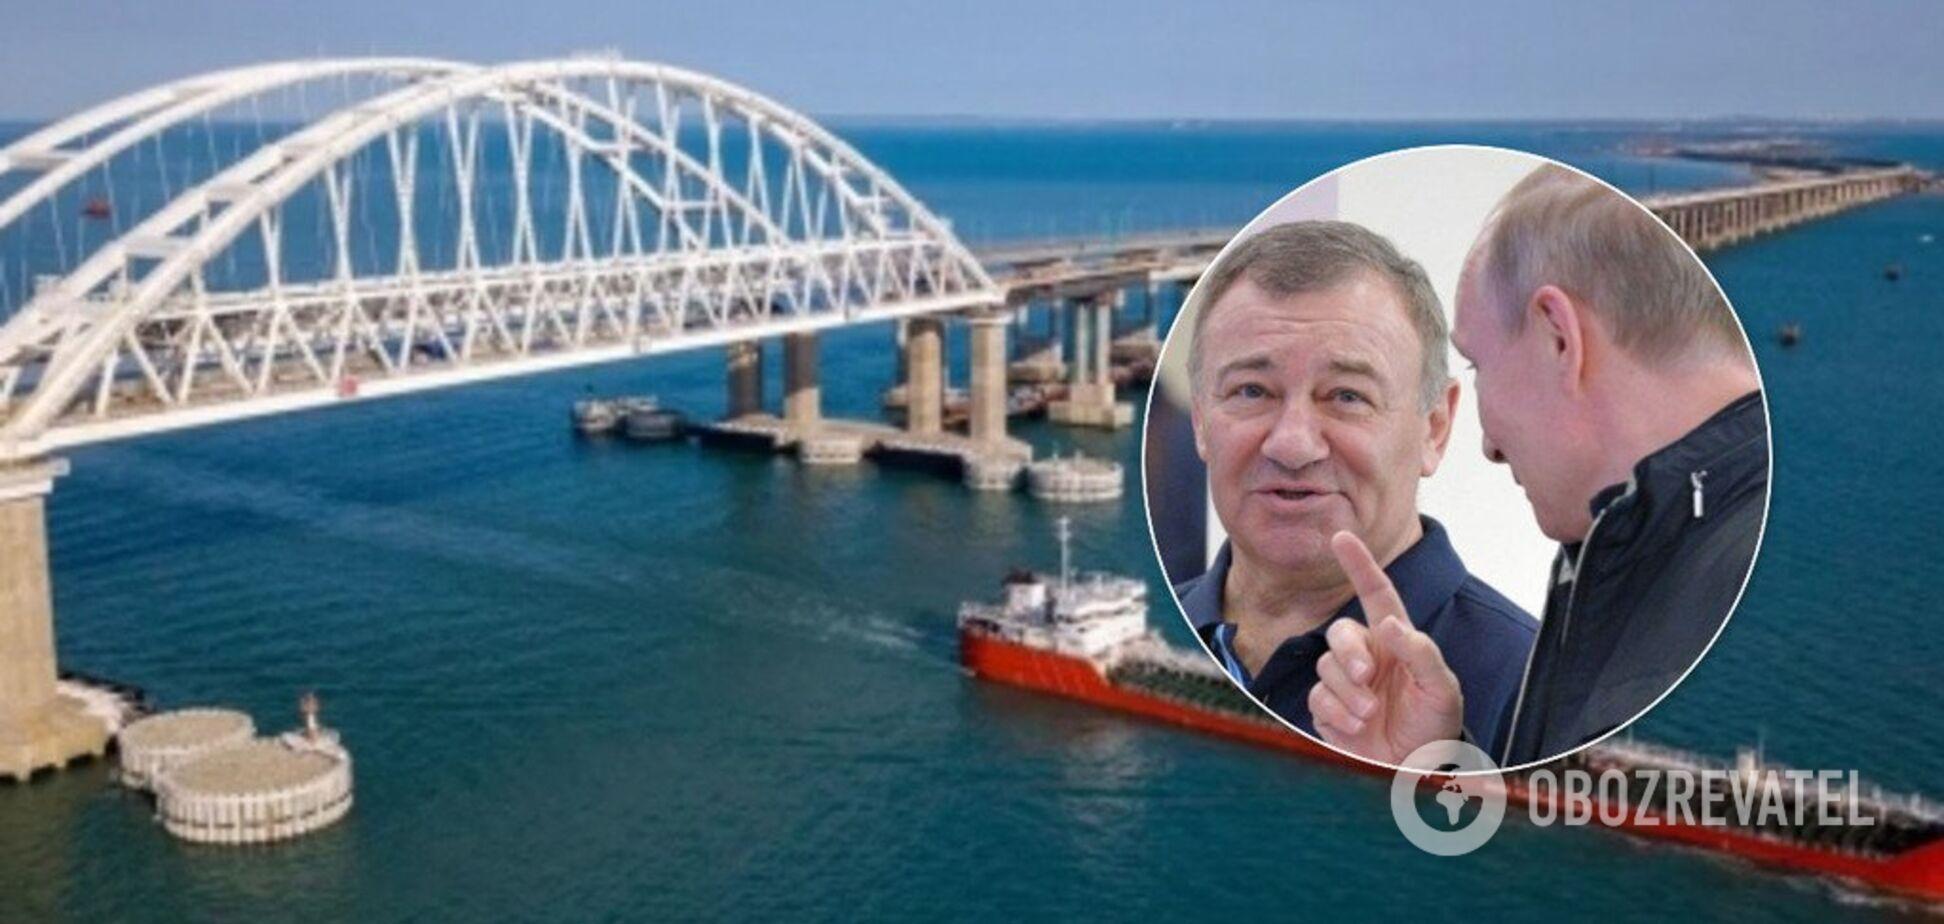 Аркадій Ротенберг отримав контракт на Кримський міст